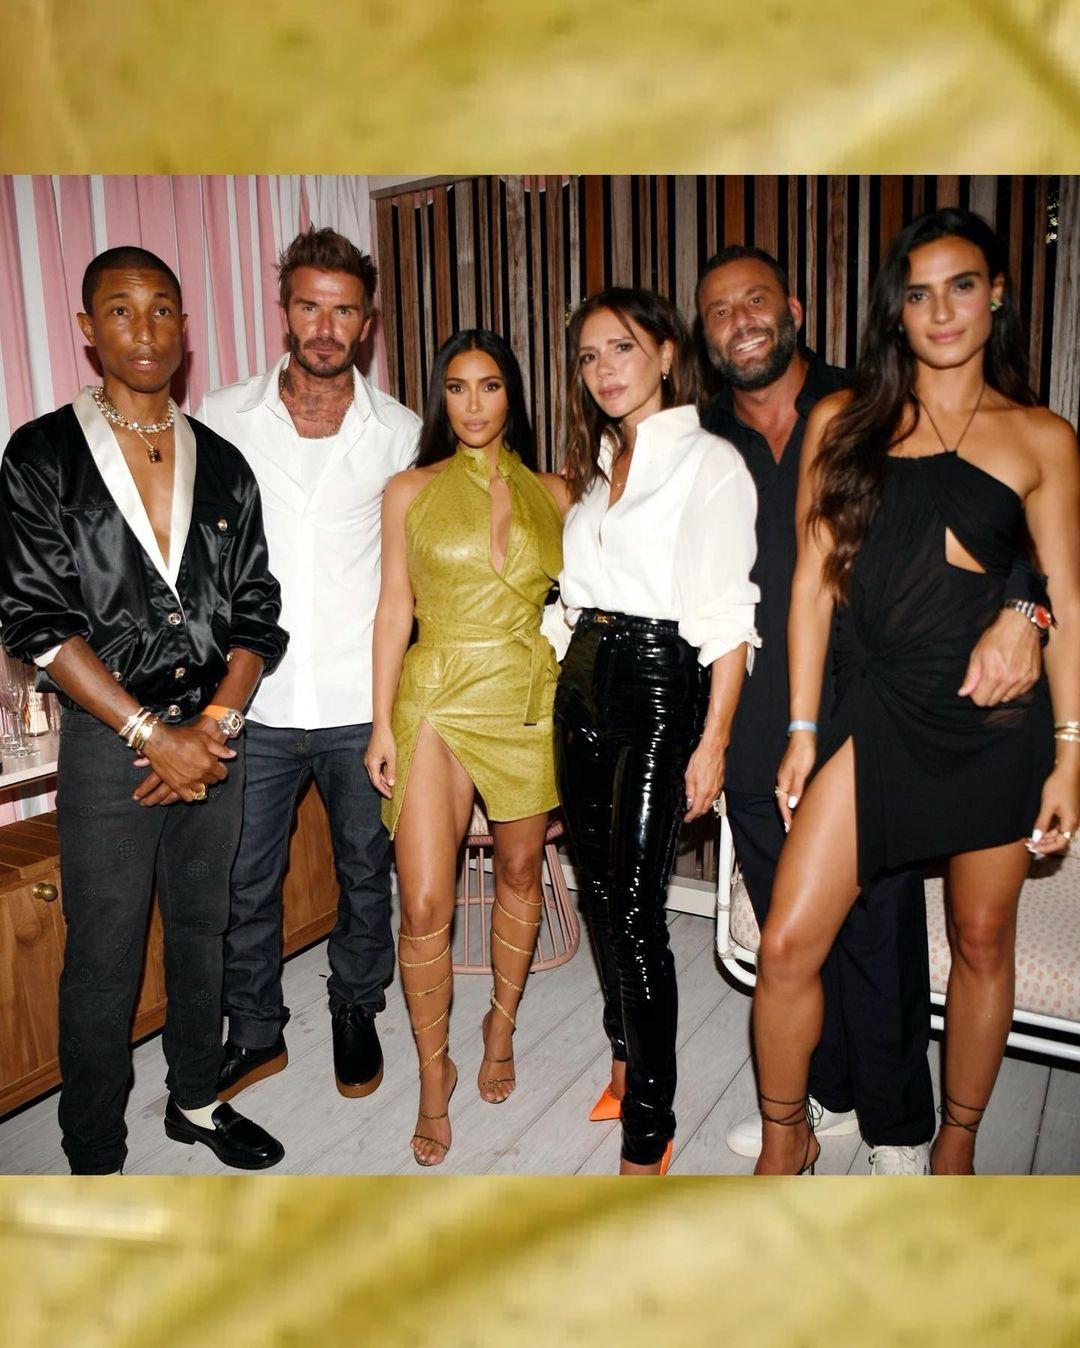 Как вторая кожа: Ким Кардашьян вышла в свет в эффектном мини-платье (ФОТО) - фото №5